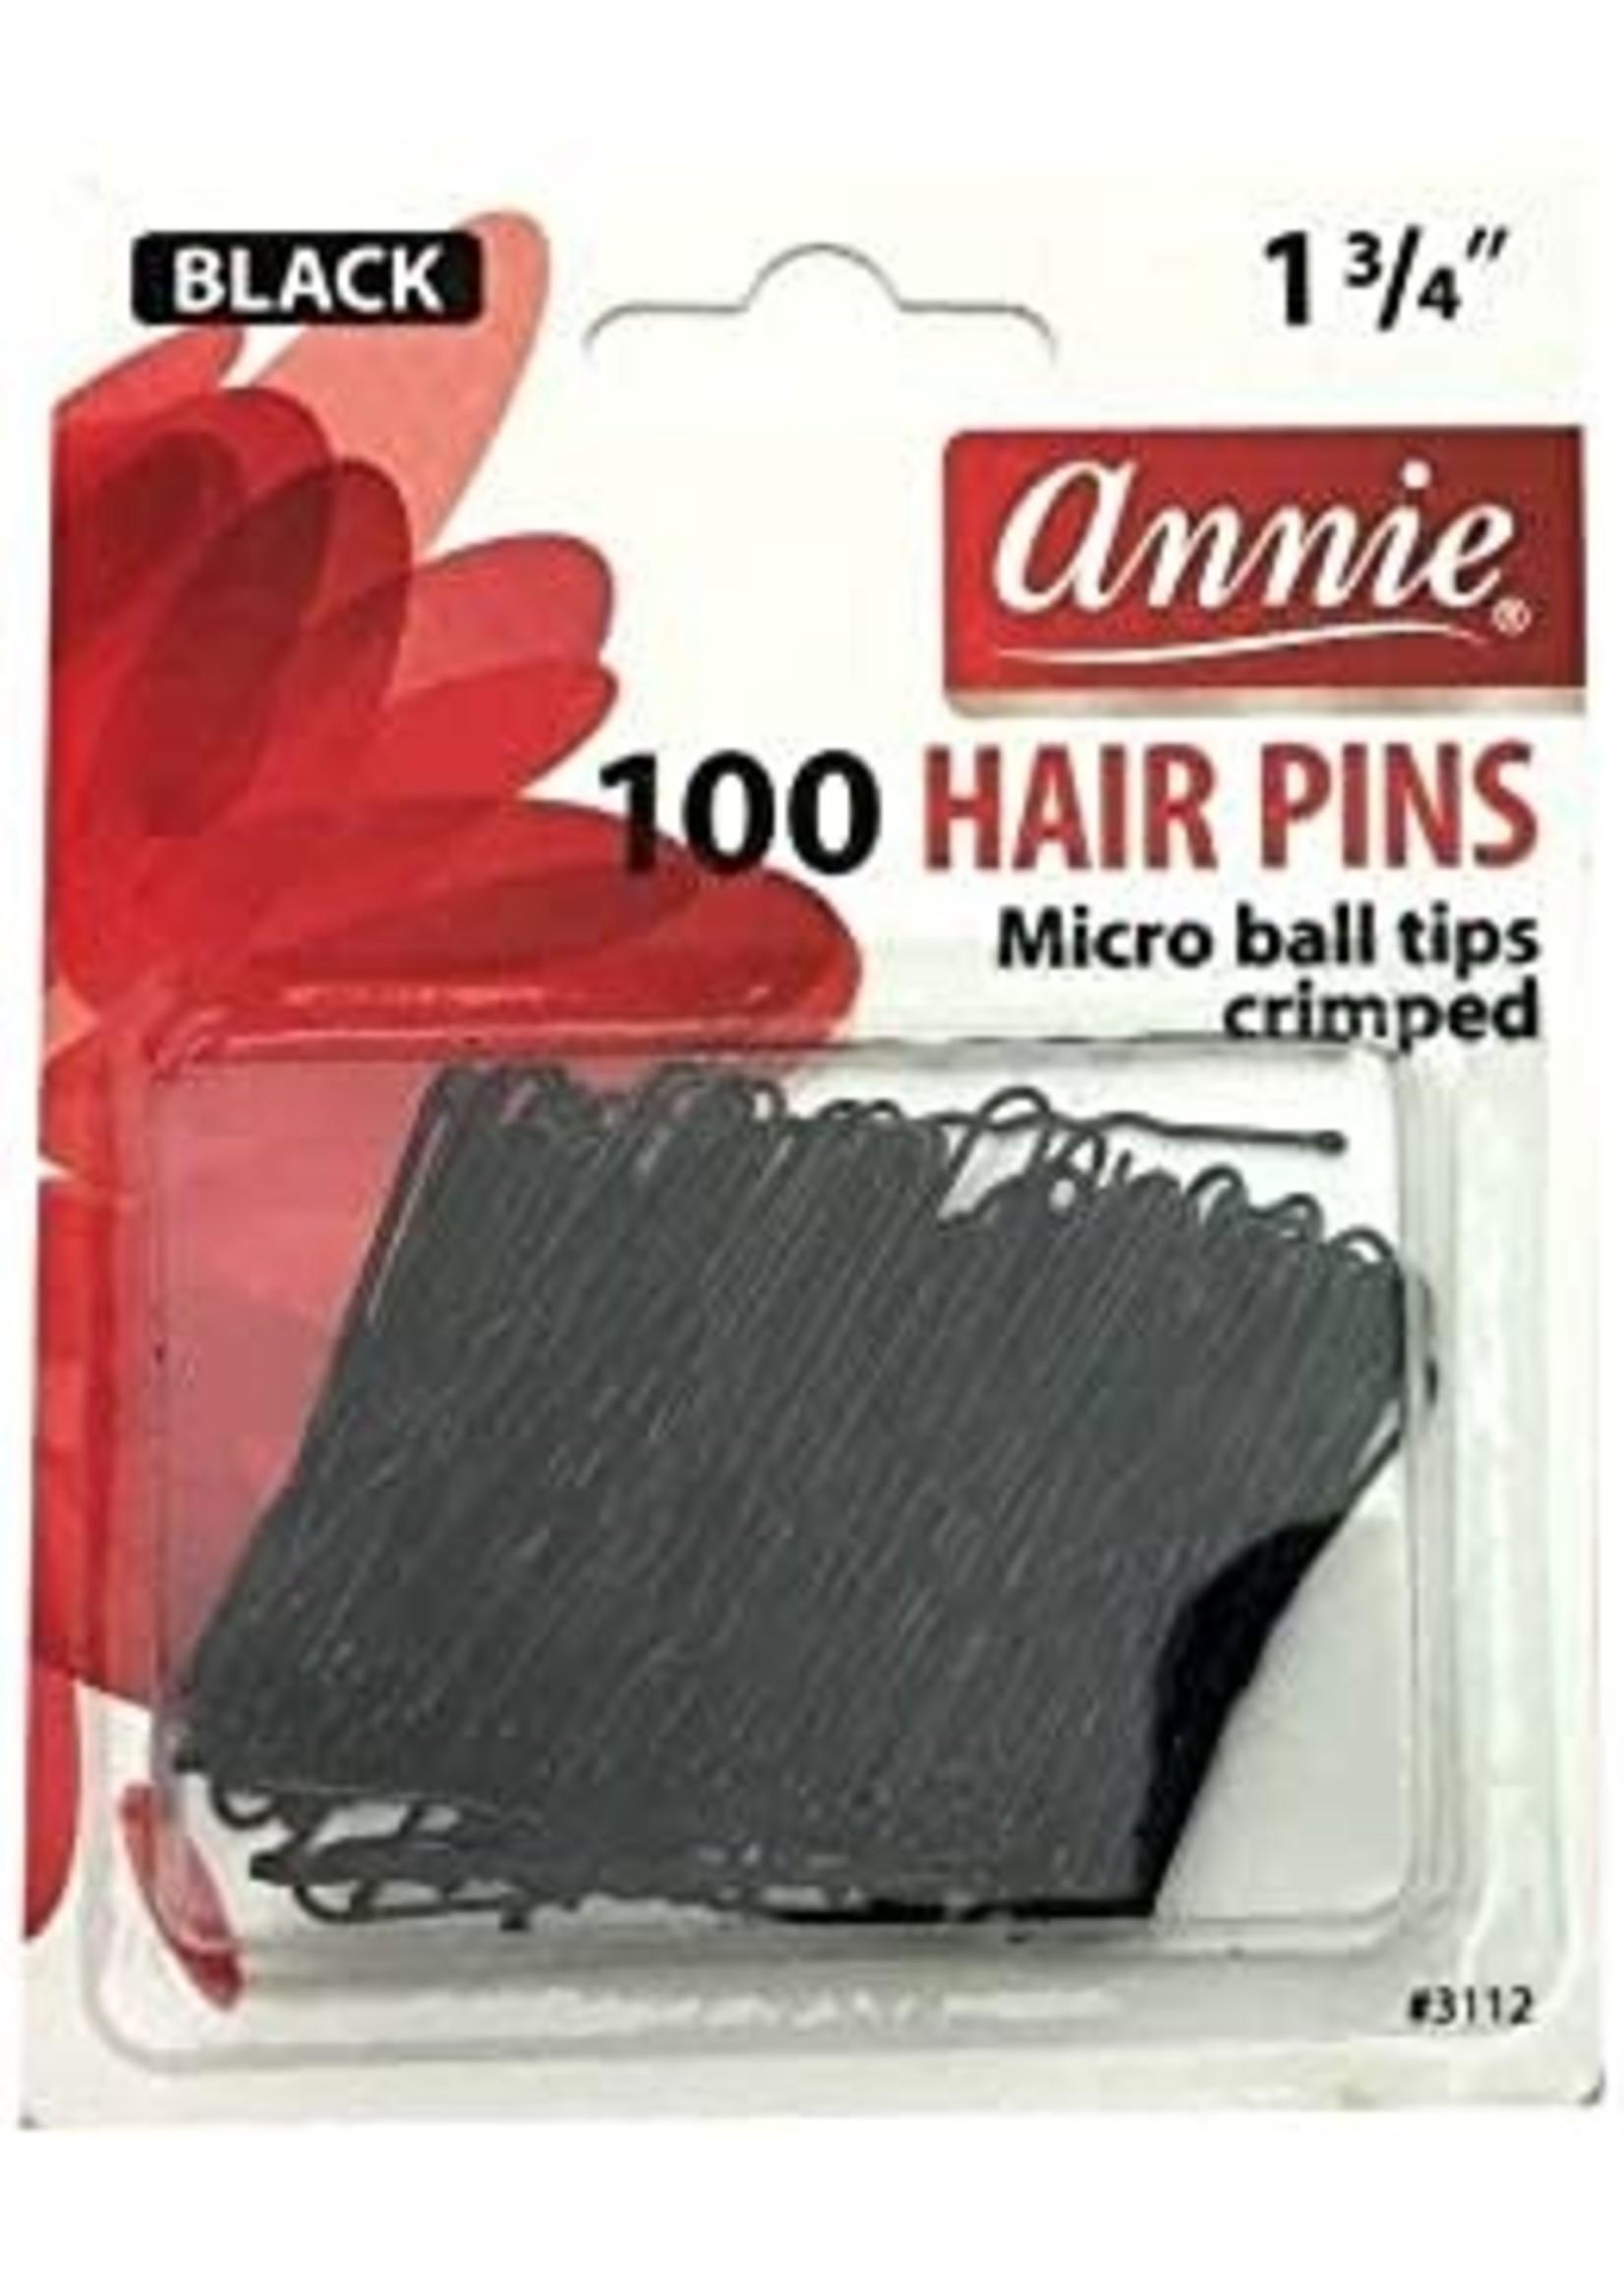 Annie Hairpins Black Ball Tip